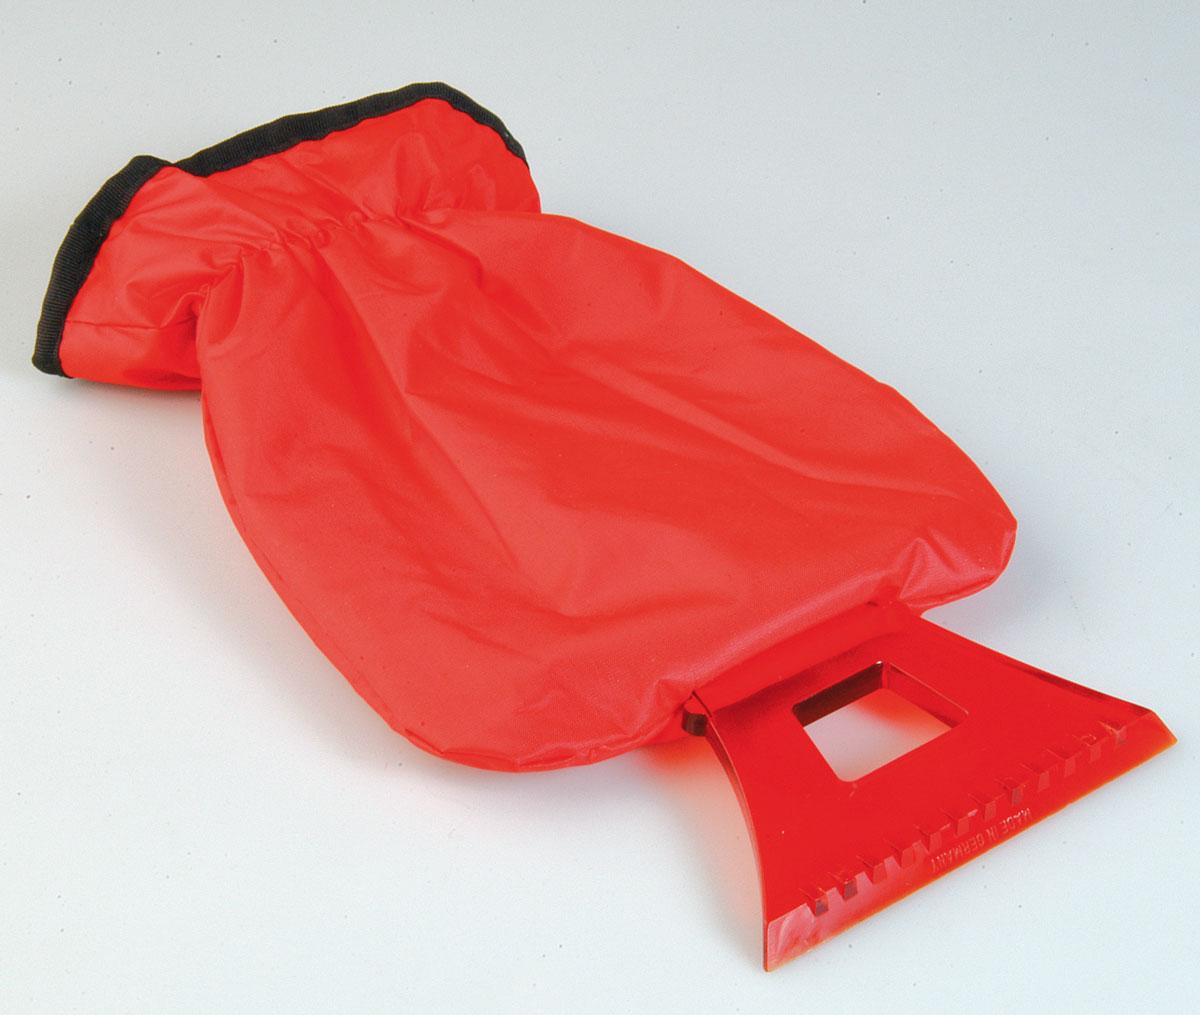 Nigrin Eiskratzer / Eisschaber mit Handschuh Bild 1